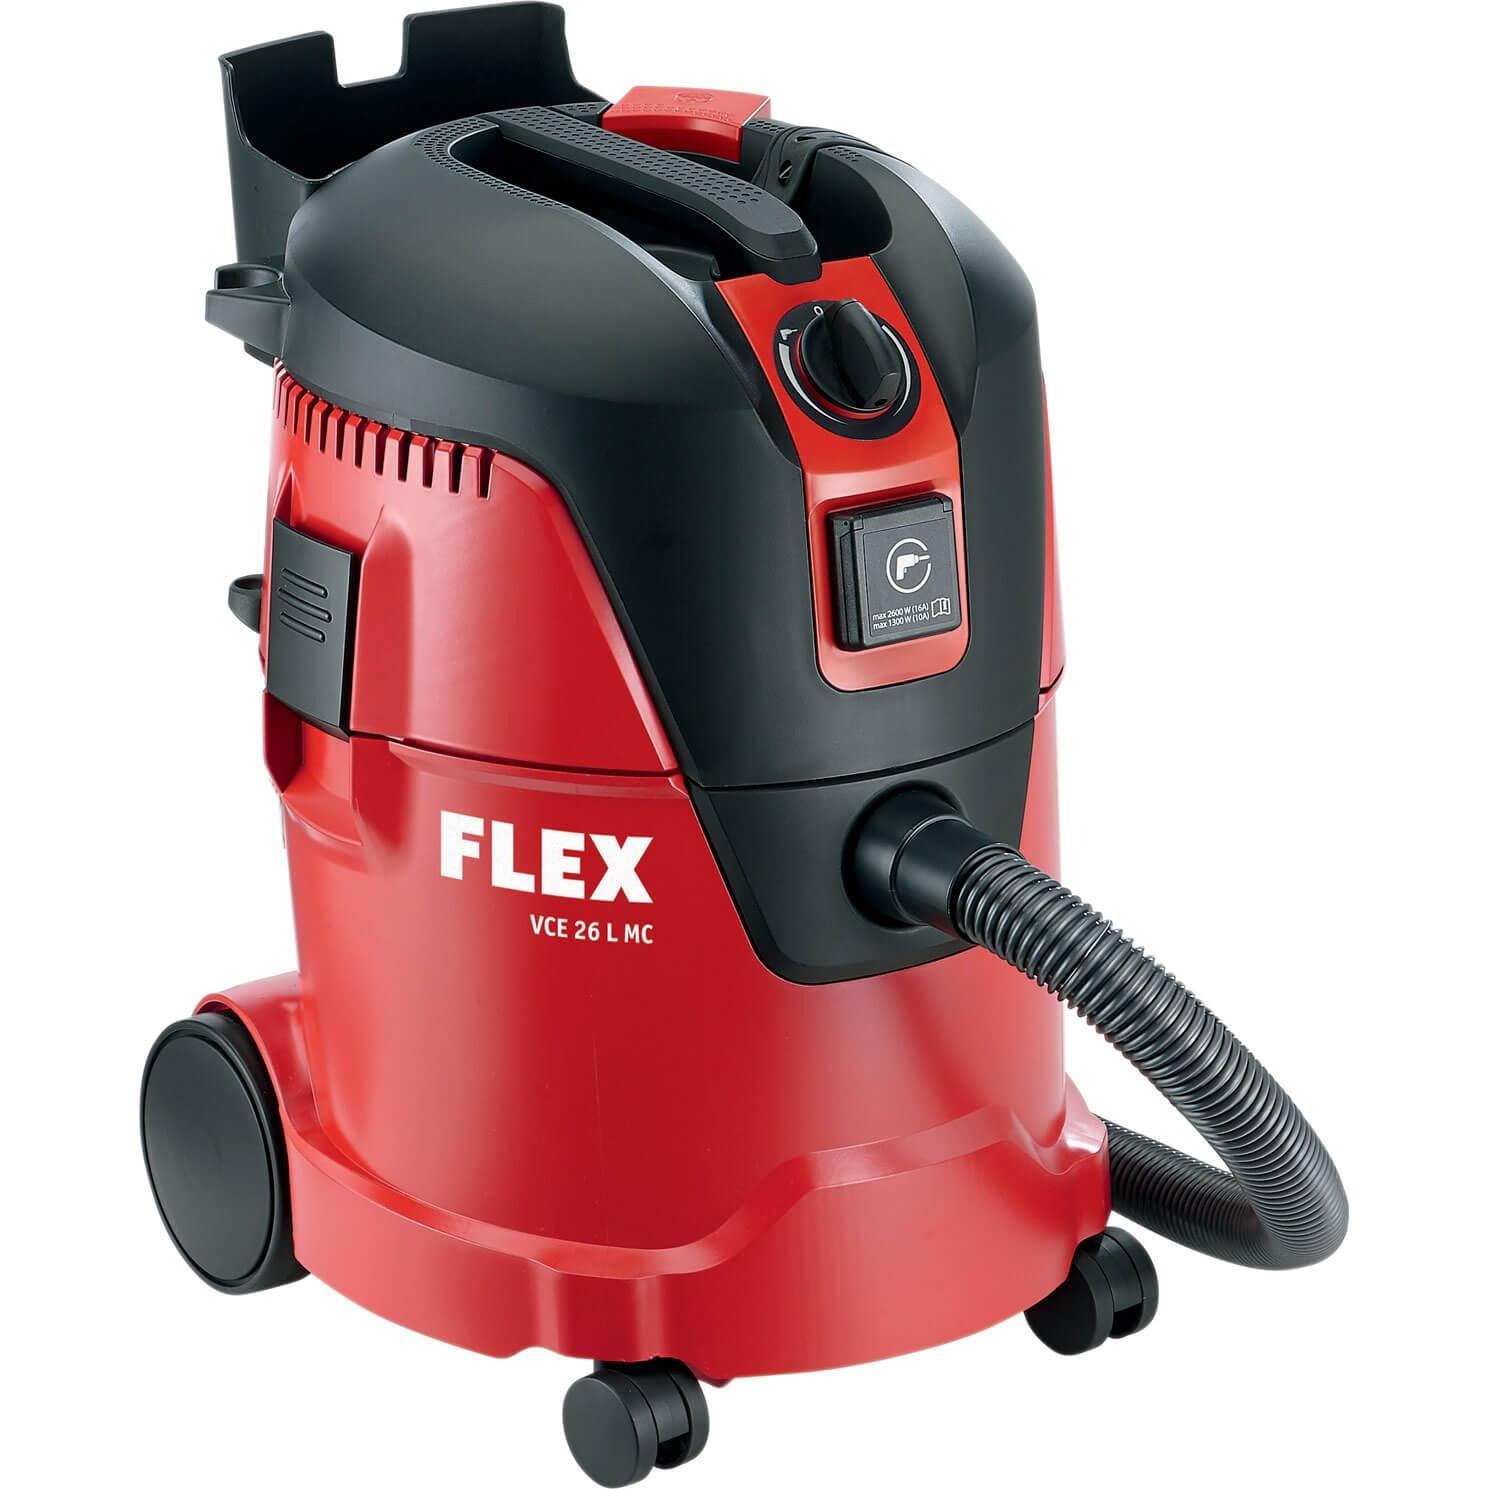 Image of Flex VCE 26 L MC Insutrial Wet & Dry Vacuum Cleaner 1250w 110v